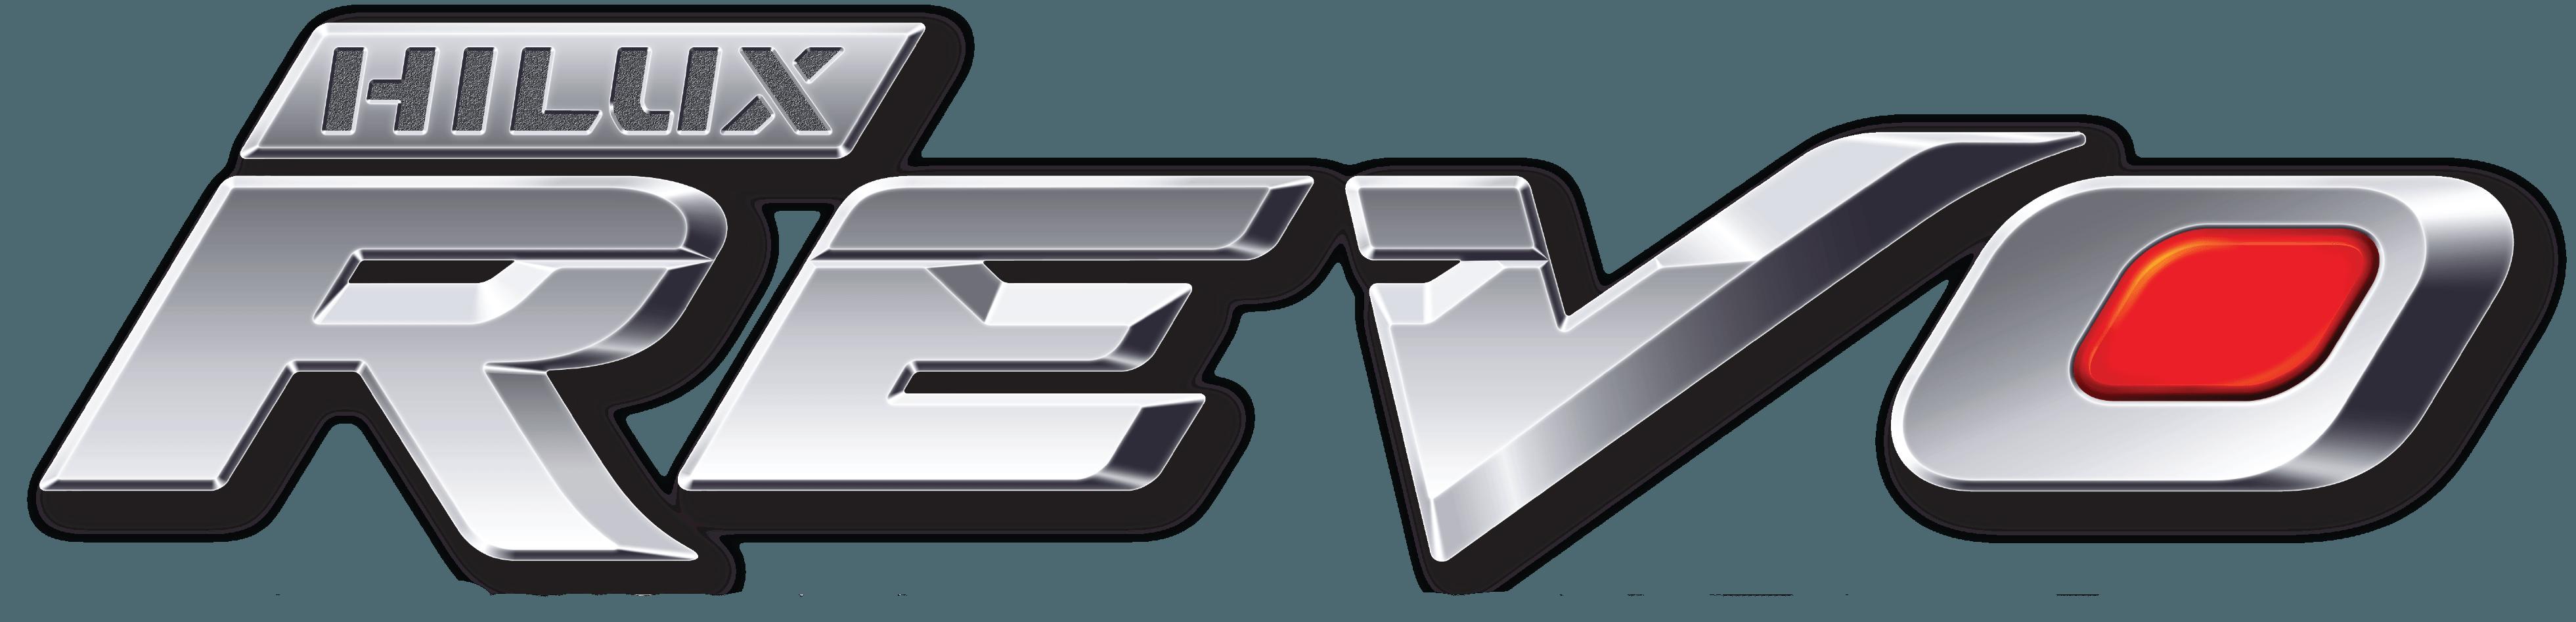 ไฮลักซ์ รีโว่ รุ่นสมาร์ท แค็บ Hilux Revo logo